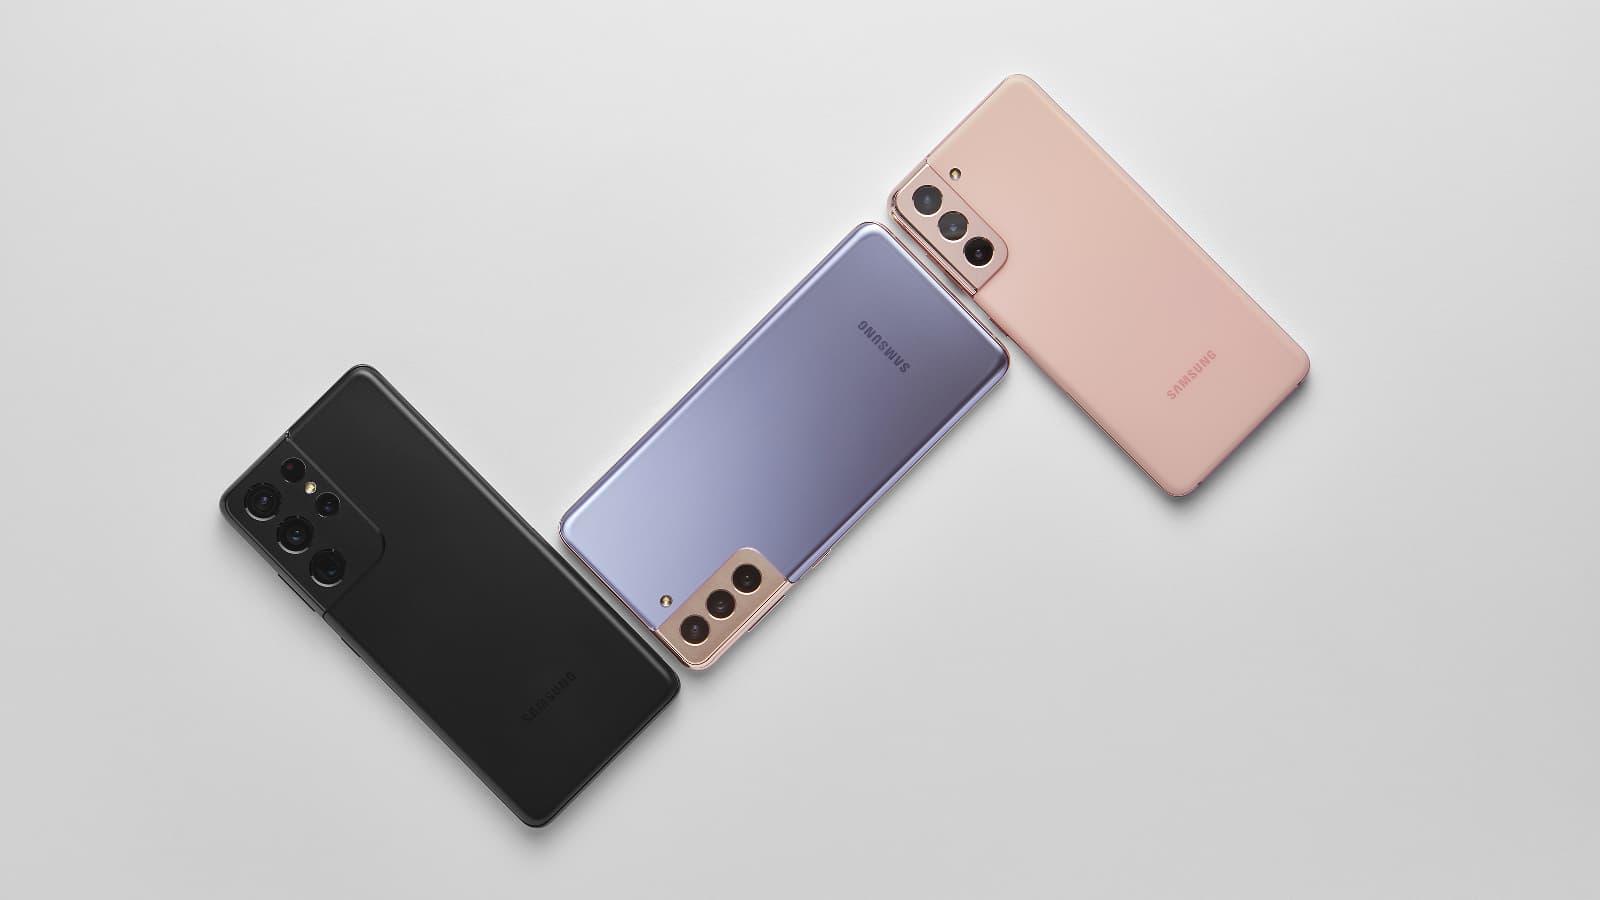 La nouvelle merveille de Samsung, le Galaxy S21